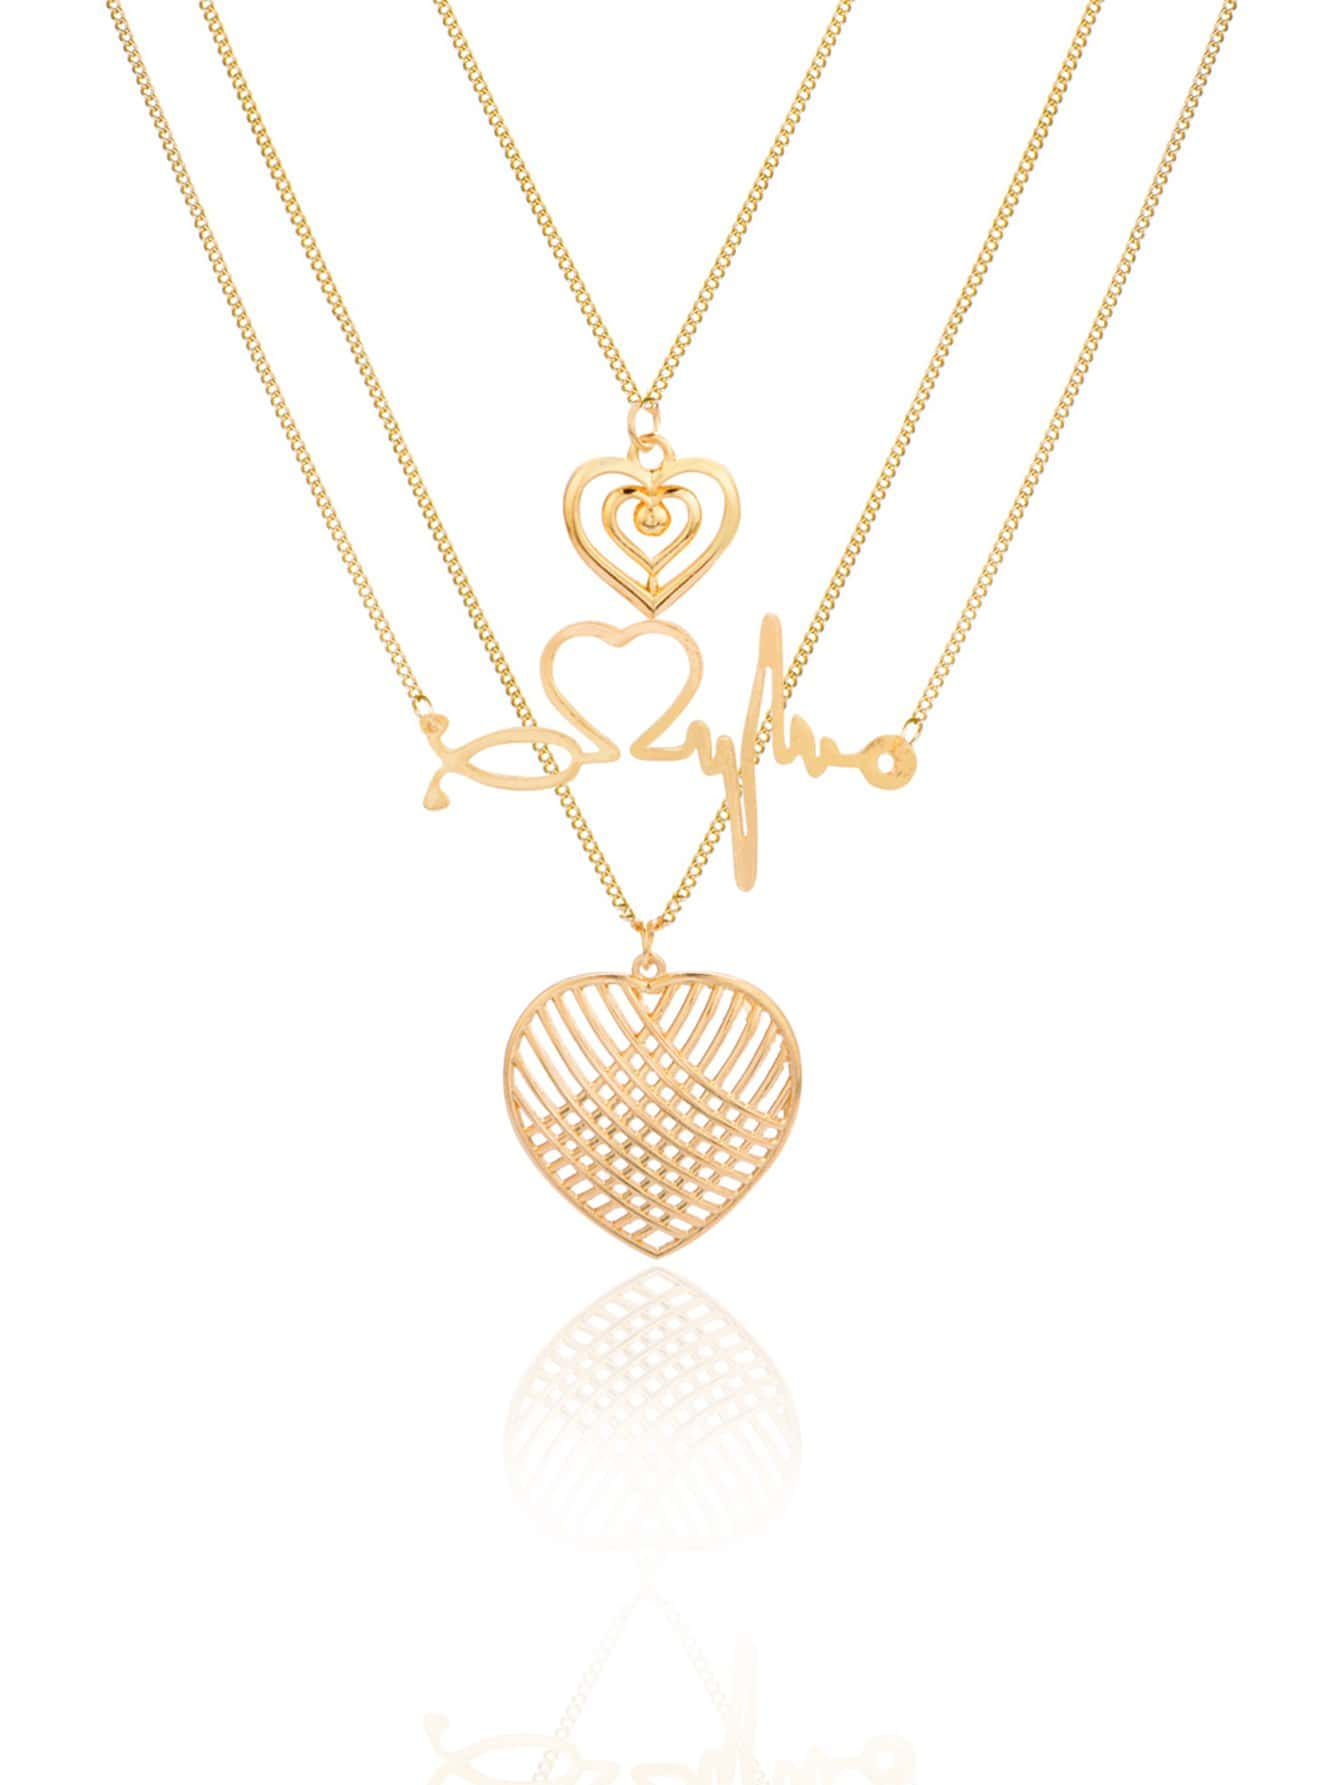 Herz Anhänger Geschichtete Kette Halskette